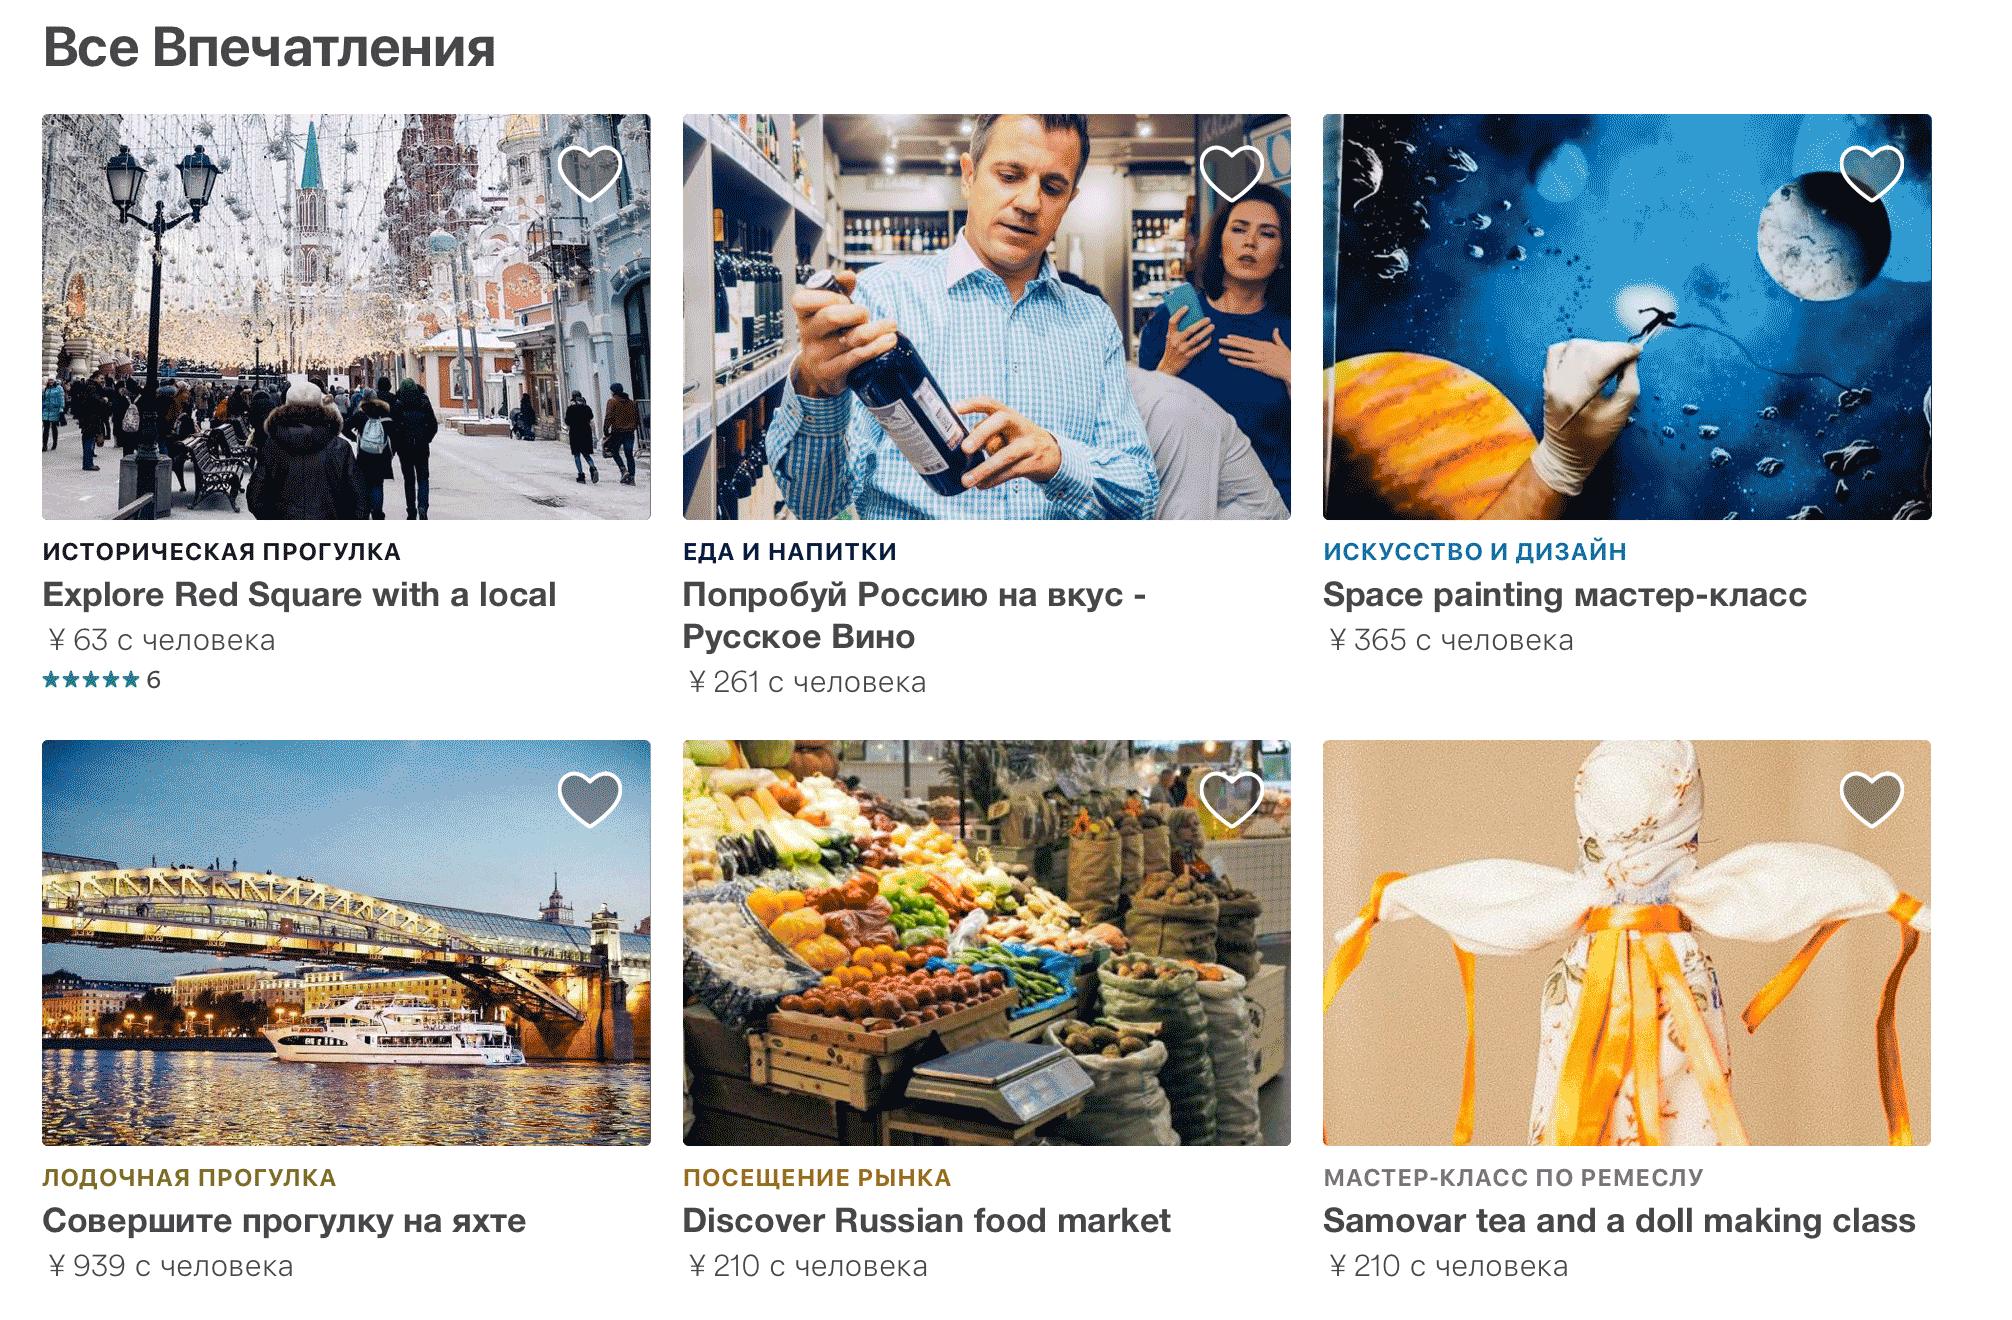 Примеры впечатлений, которые предлагают владельцы жилья в Москве